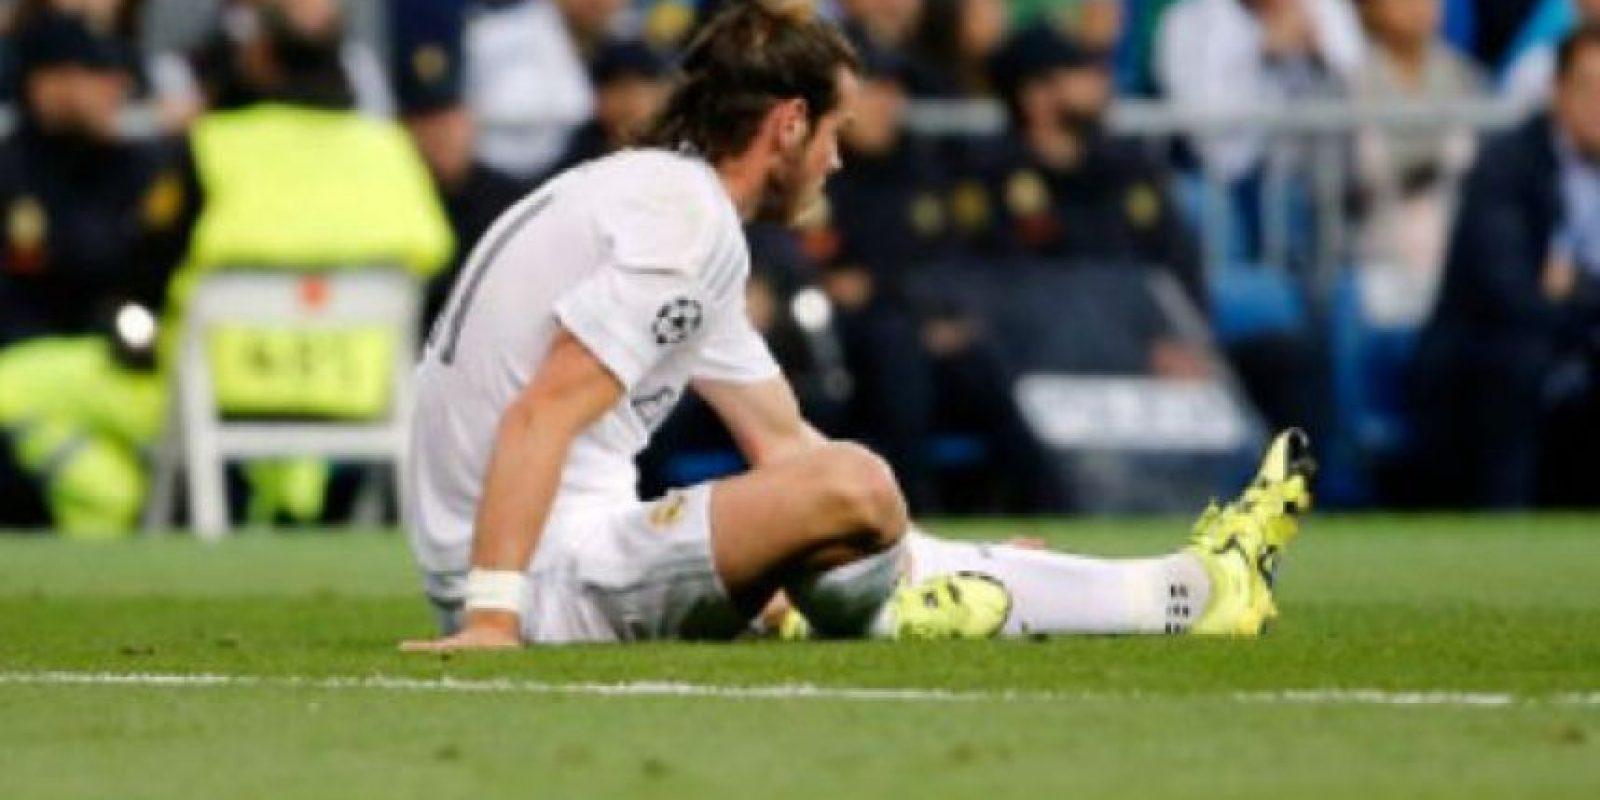 Una lesión muscular en el sóleo izquierdo lo dejará fuera de las canchas por lo menos dos semanas Foto:Getty Images